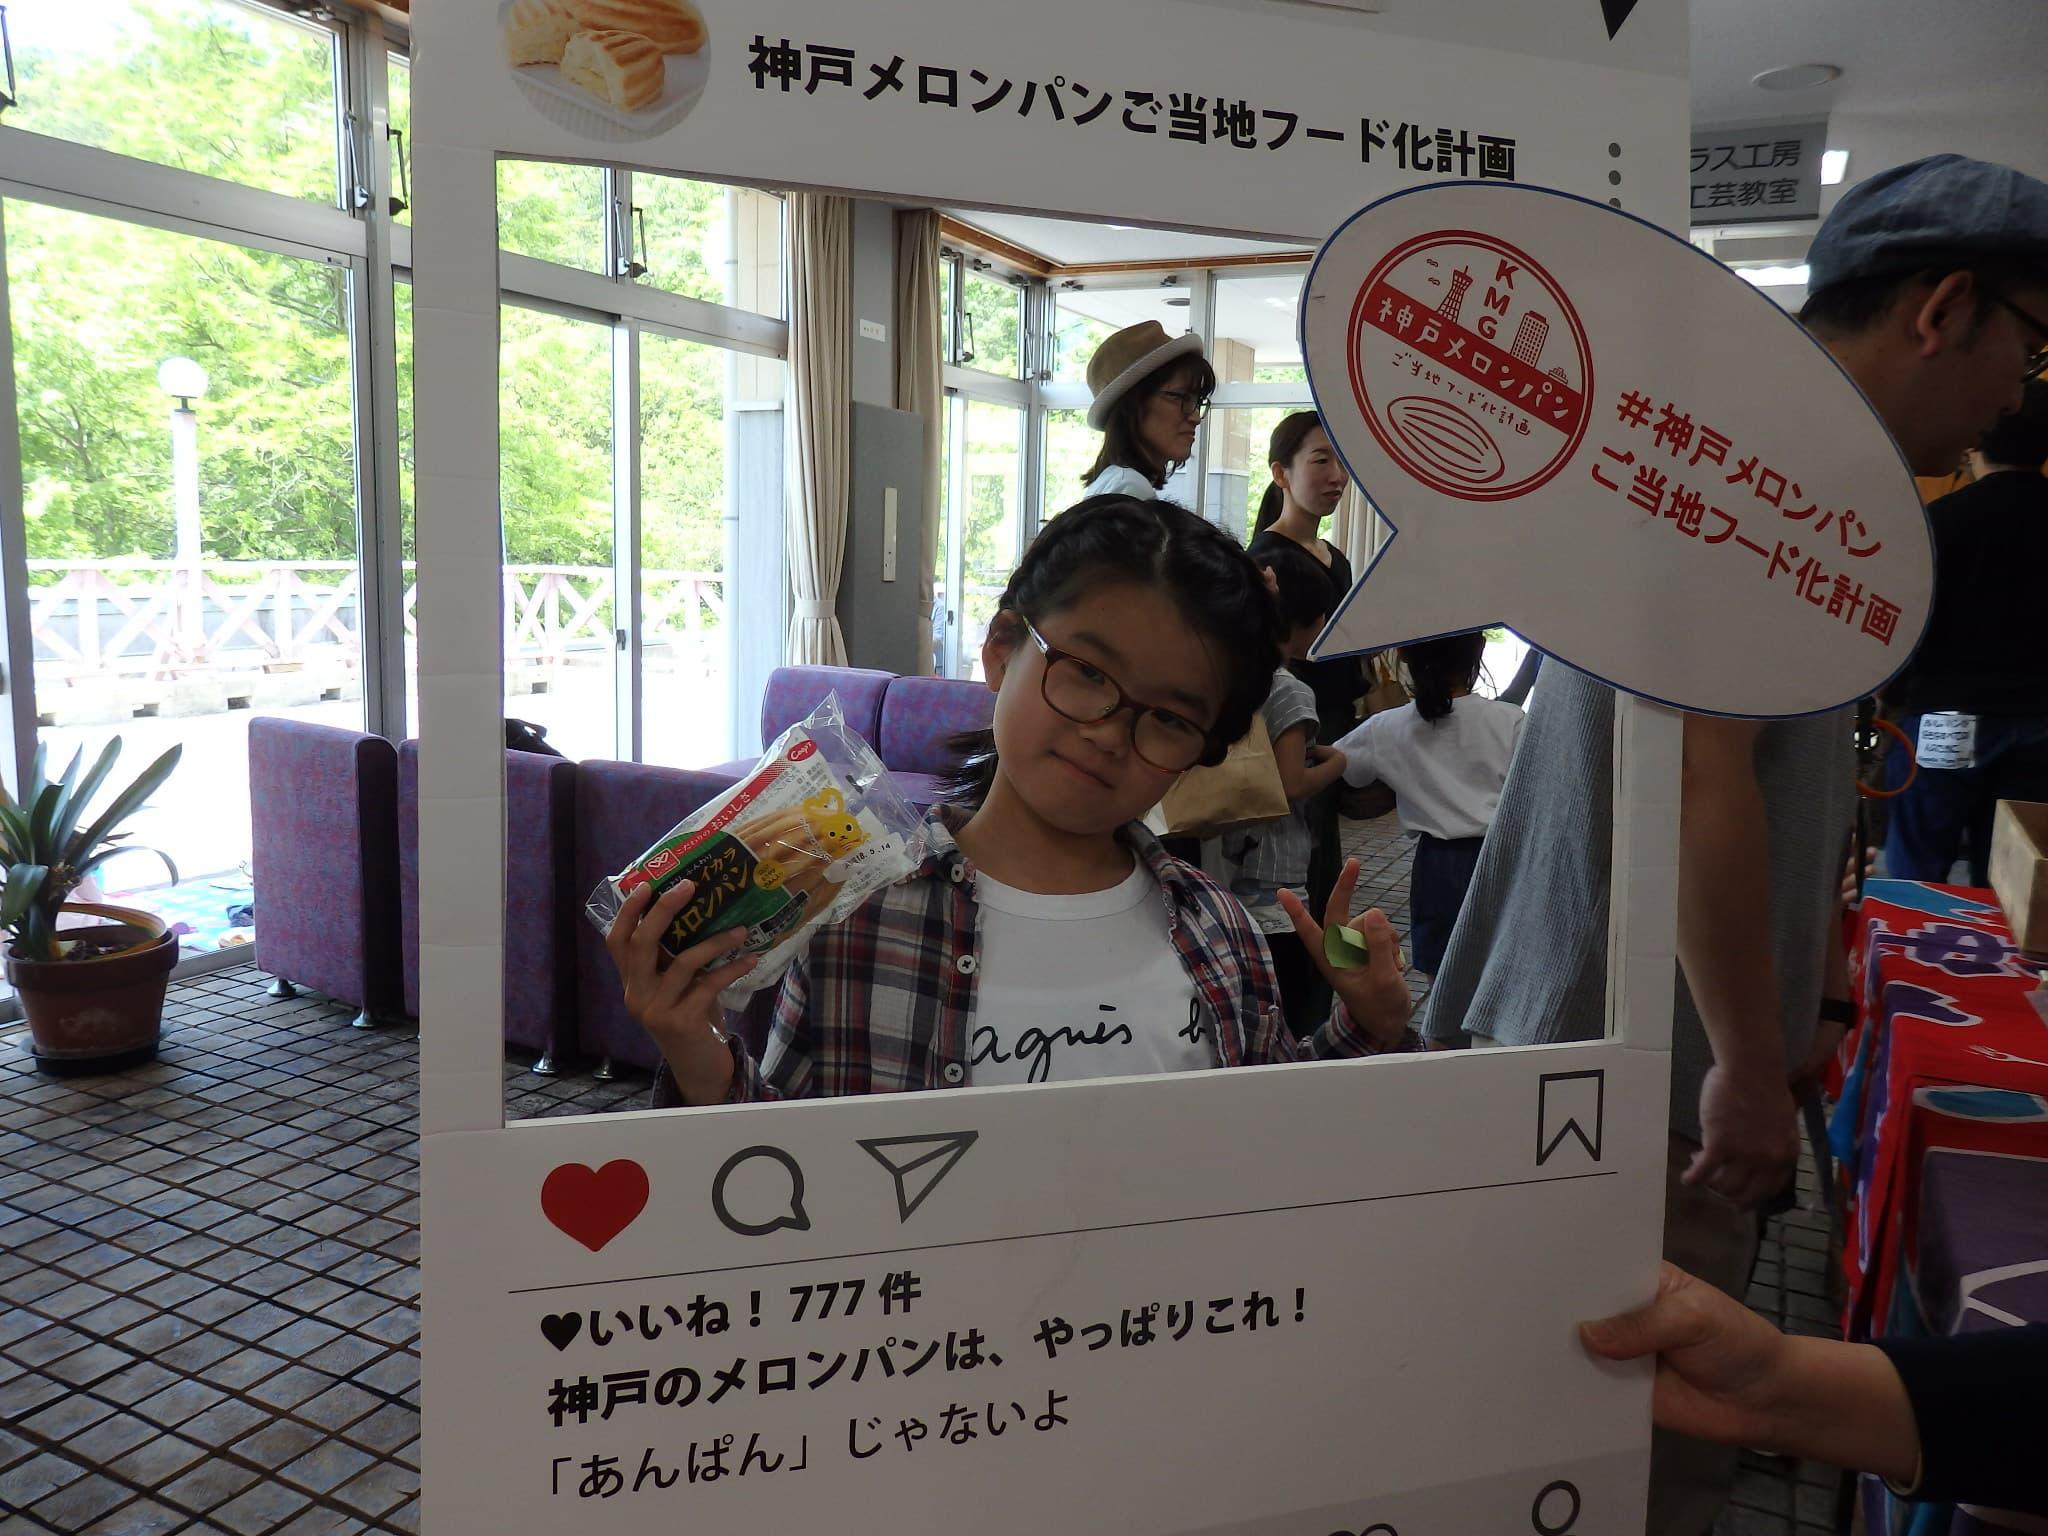 三田市パンまつり(KMG)小寺さん (8).jpg